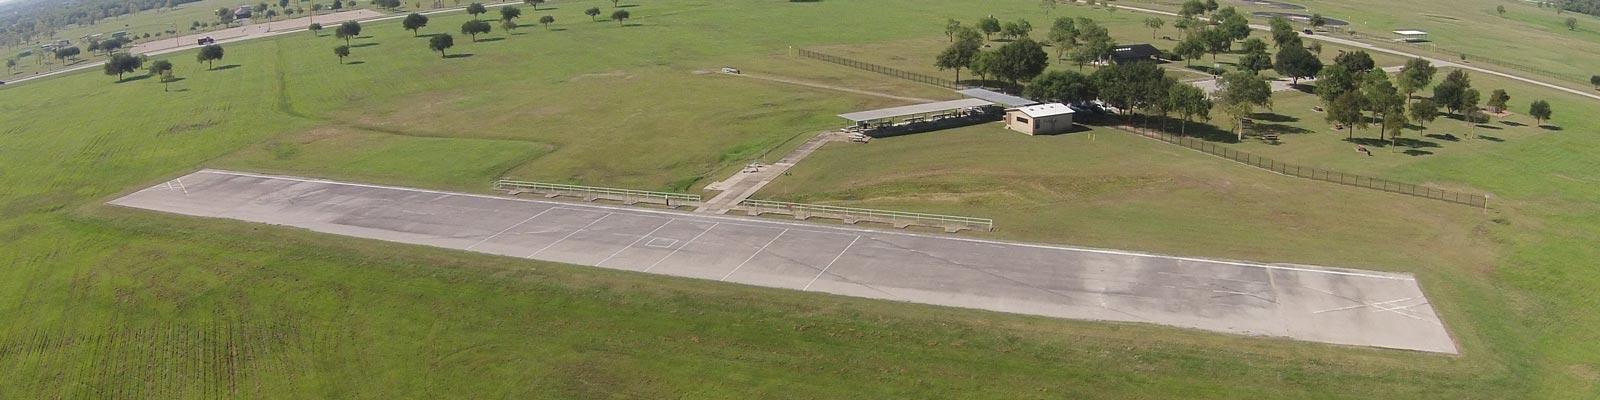 Aerial View of Dick Scobee Memorial Airfield